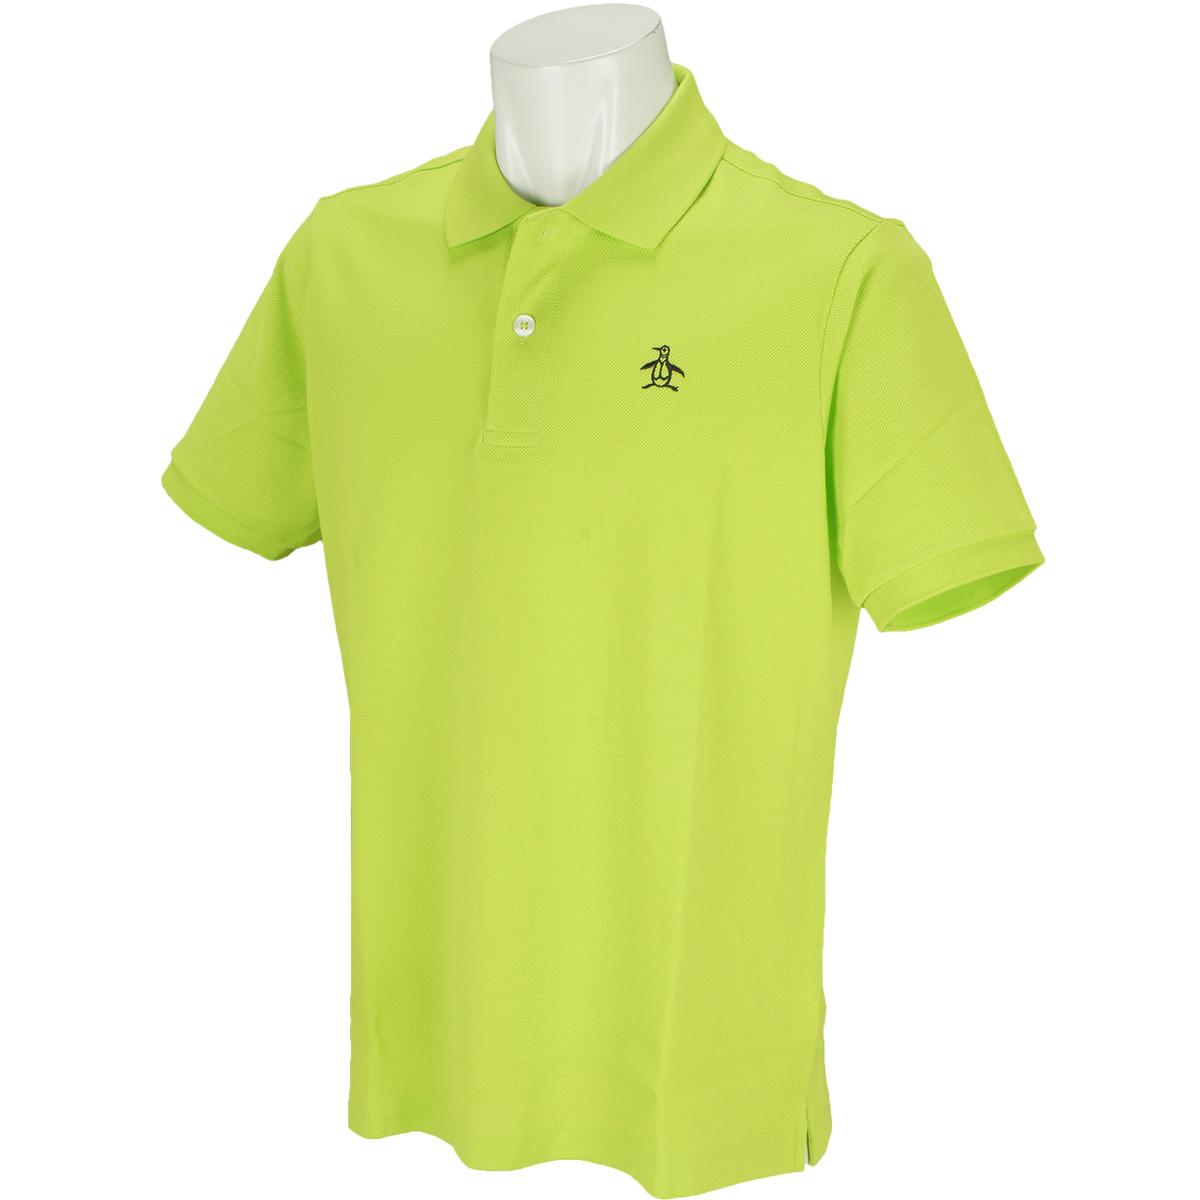 ONE THING マナードリトルピート半袖ポロシャツ